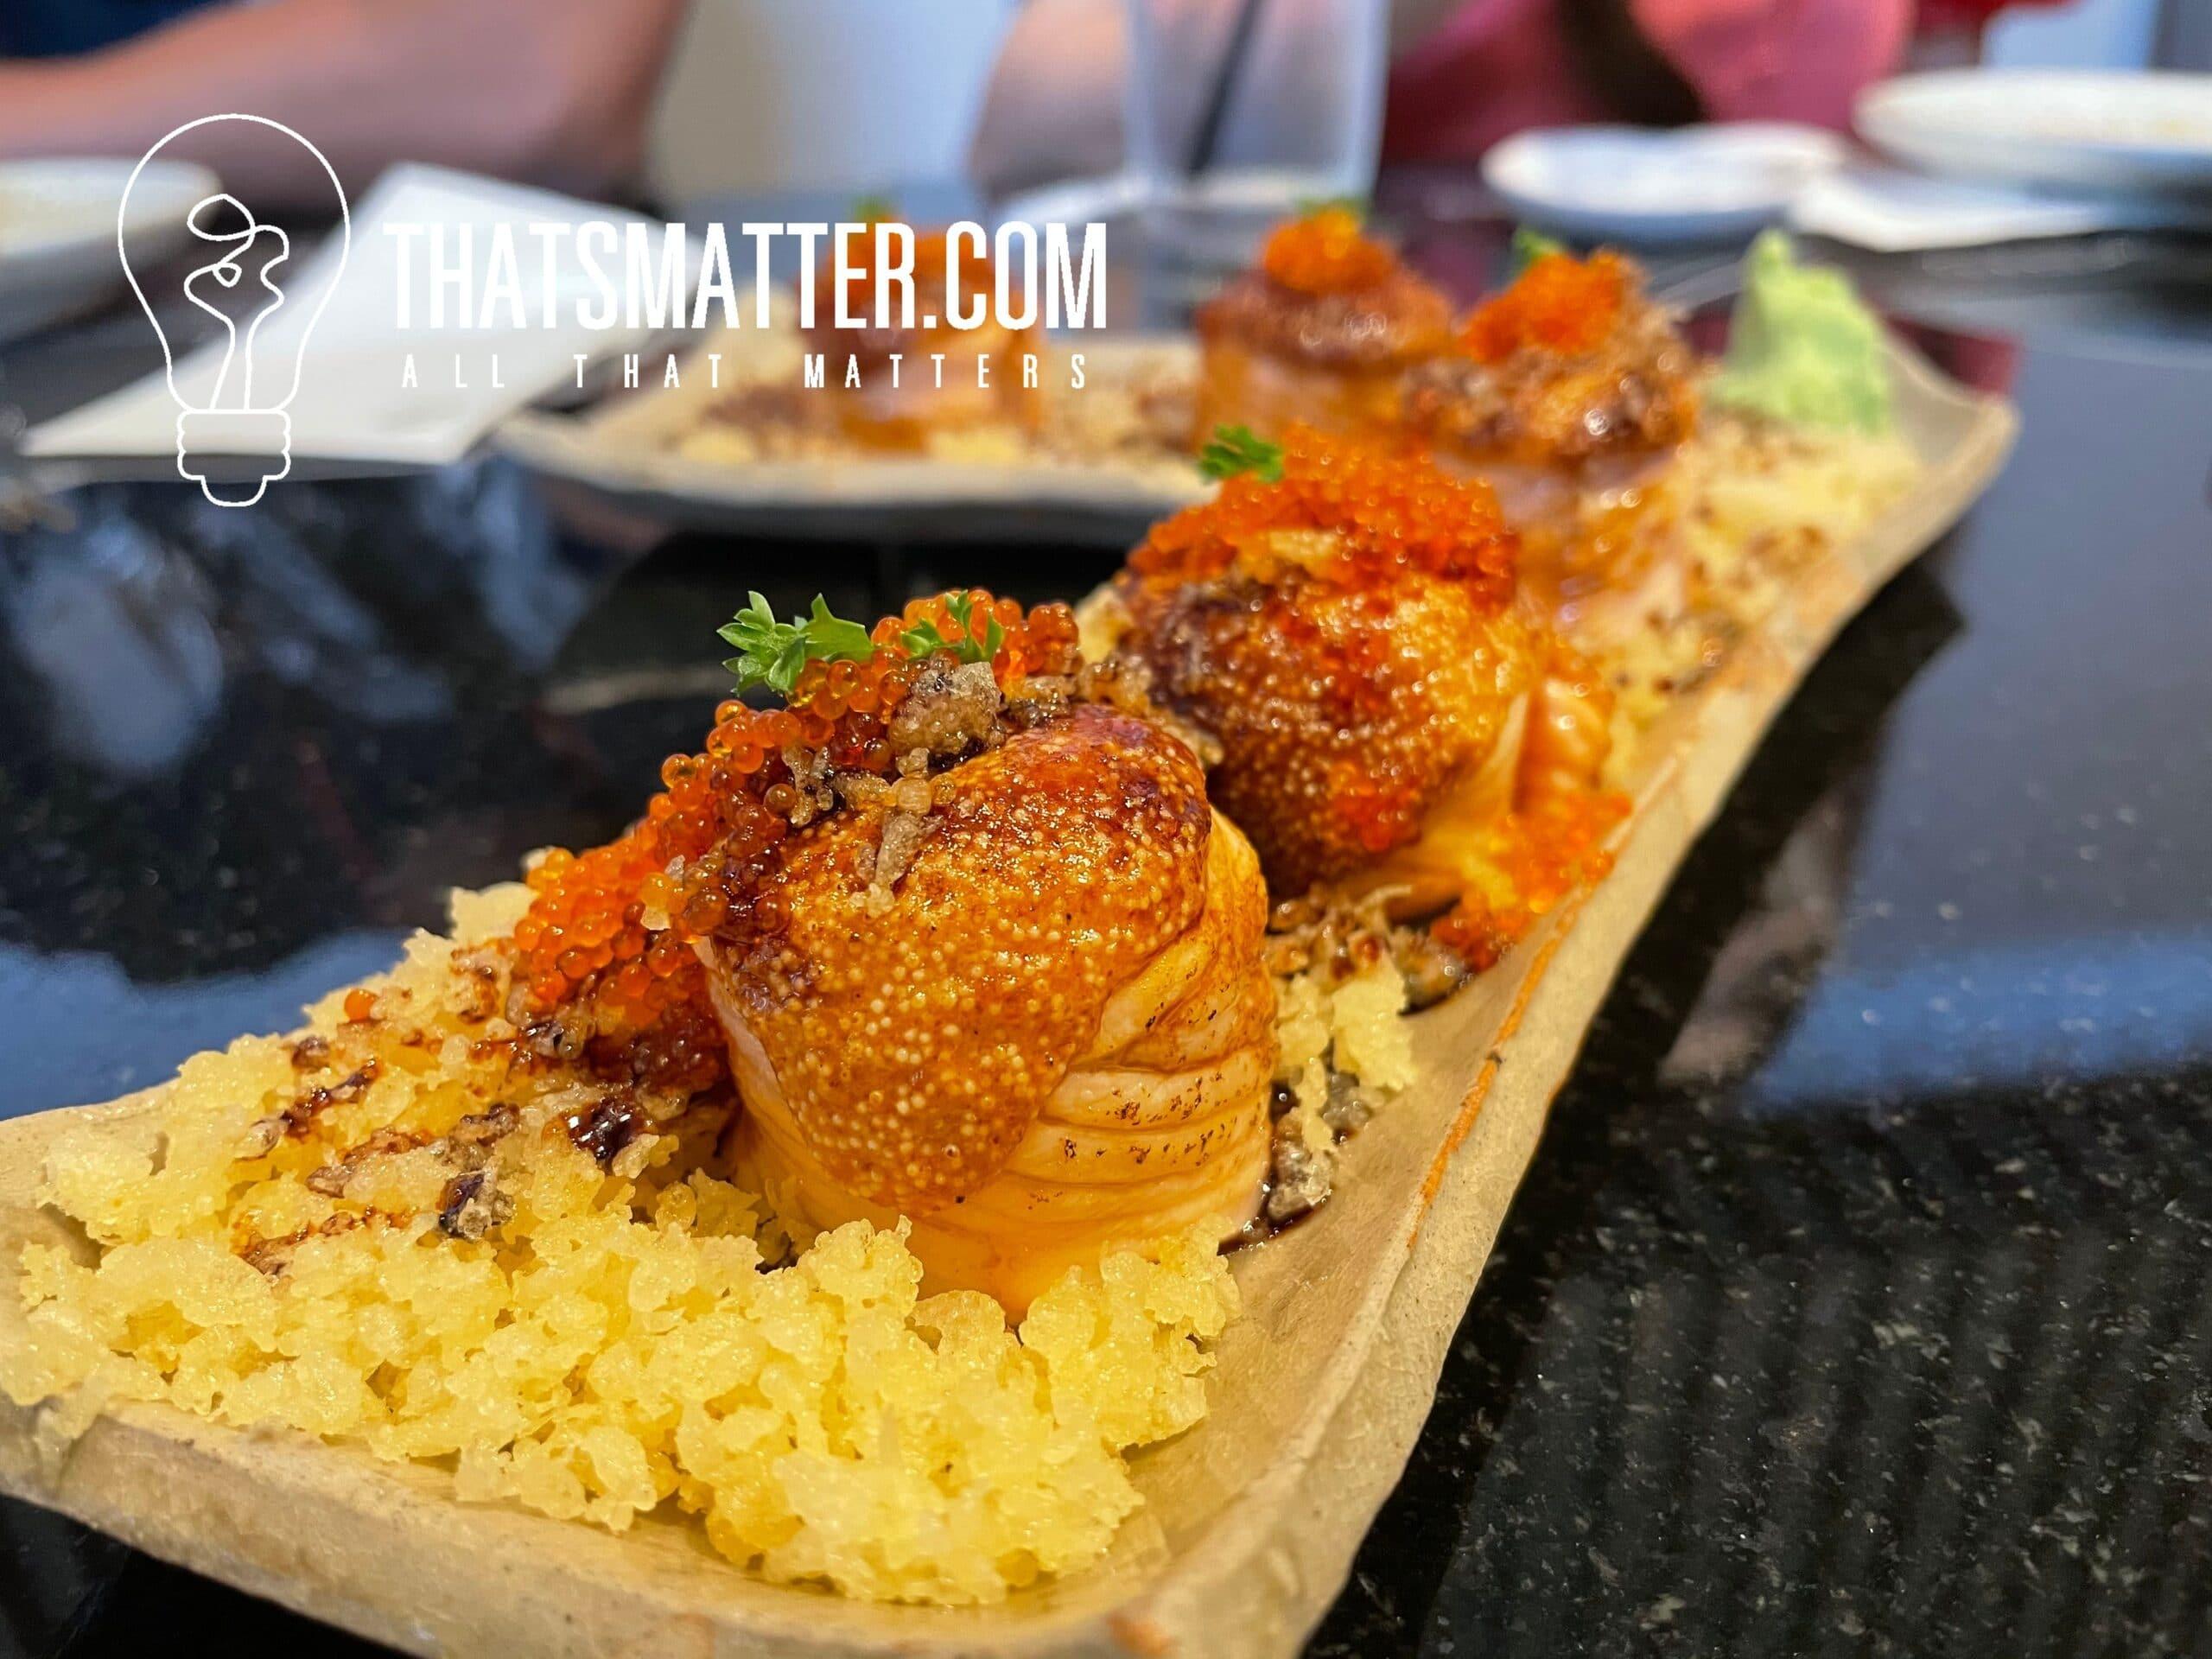 Shichi อาหารญี่ปุ่น Shichi roll (ราคา 370 บาท) เป็นเมนู Signature ของทางร้าน